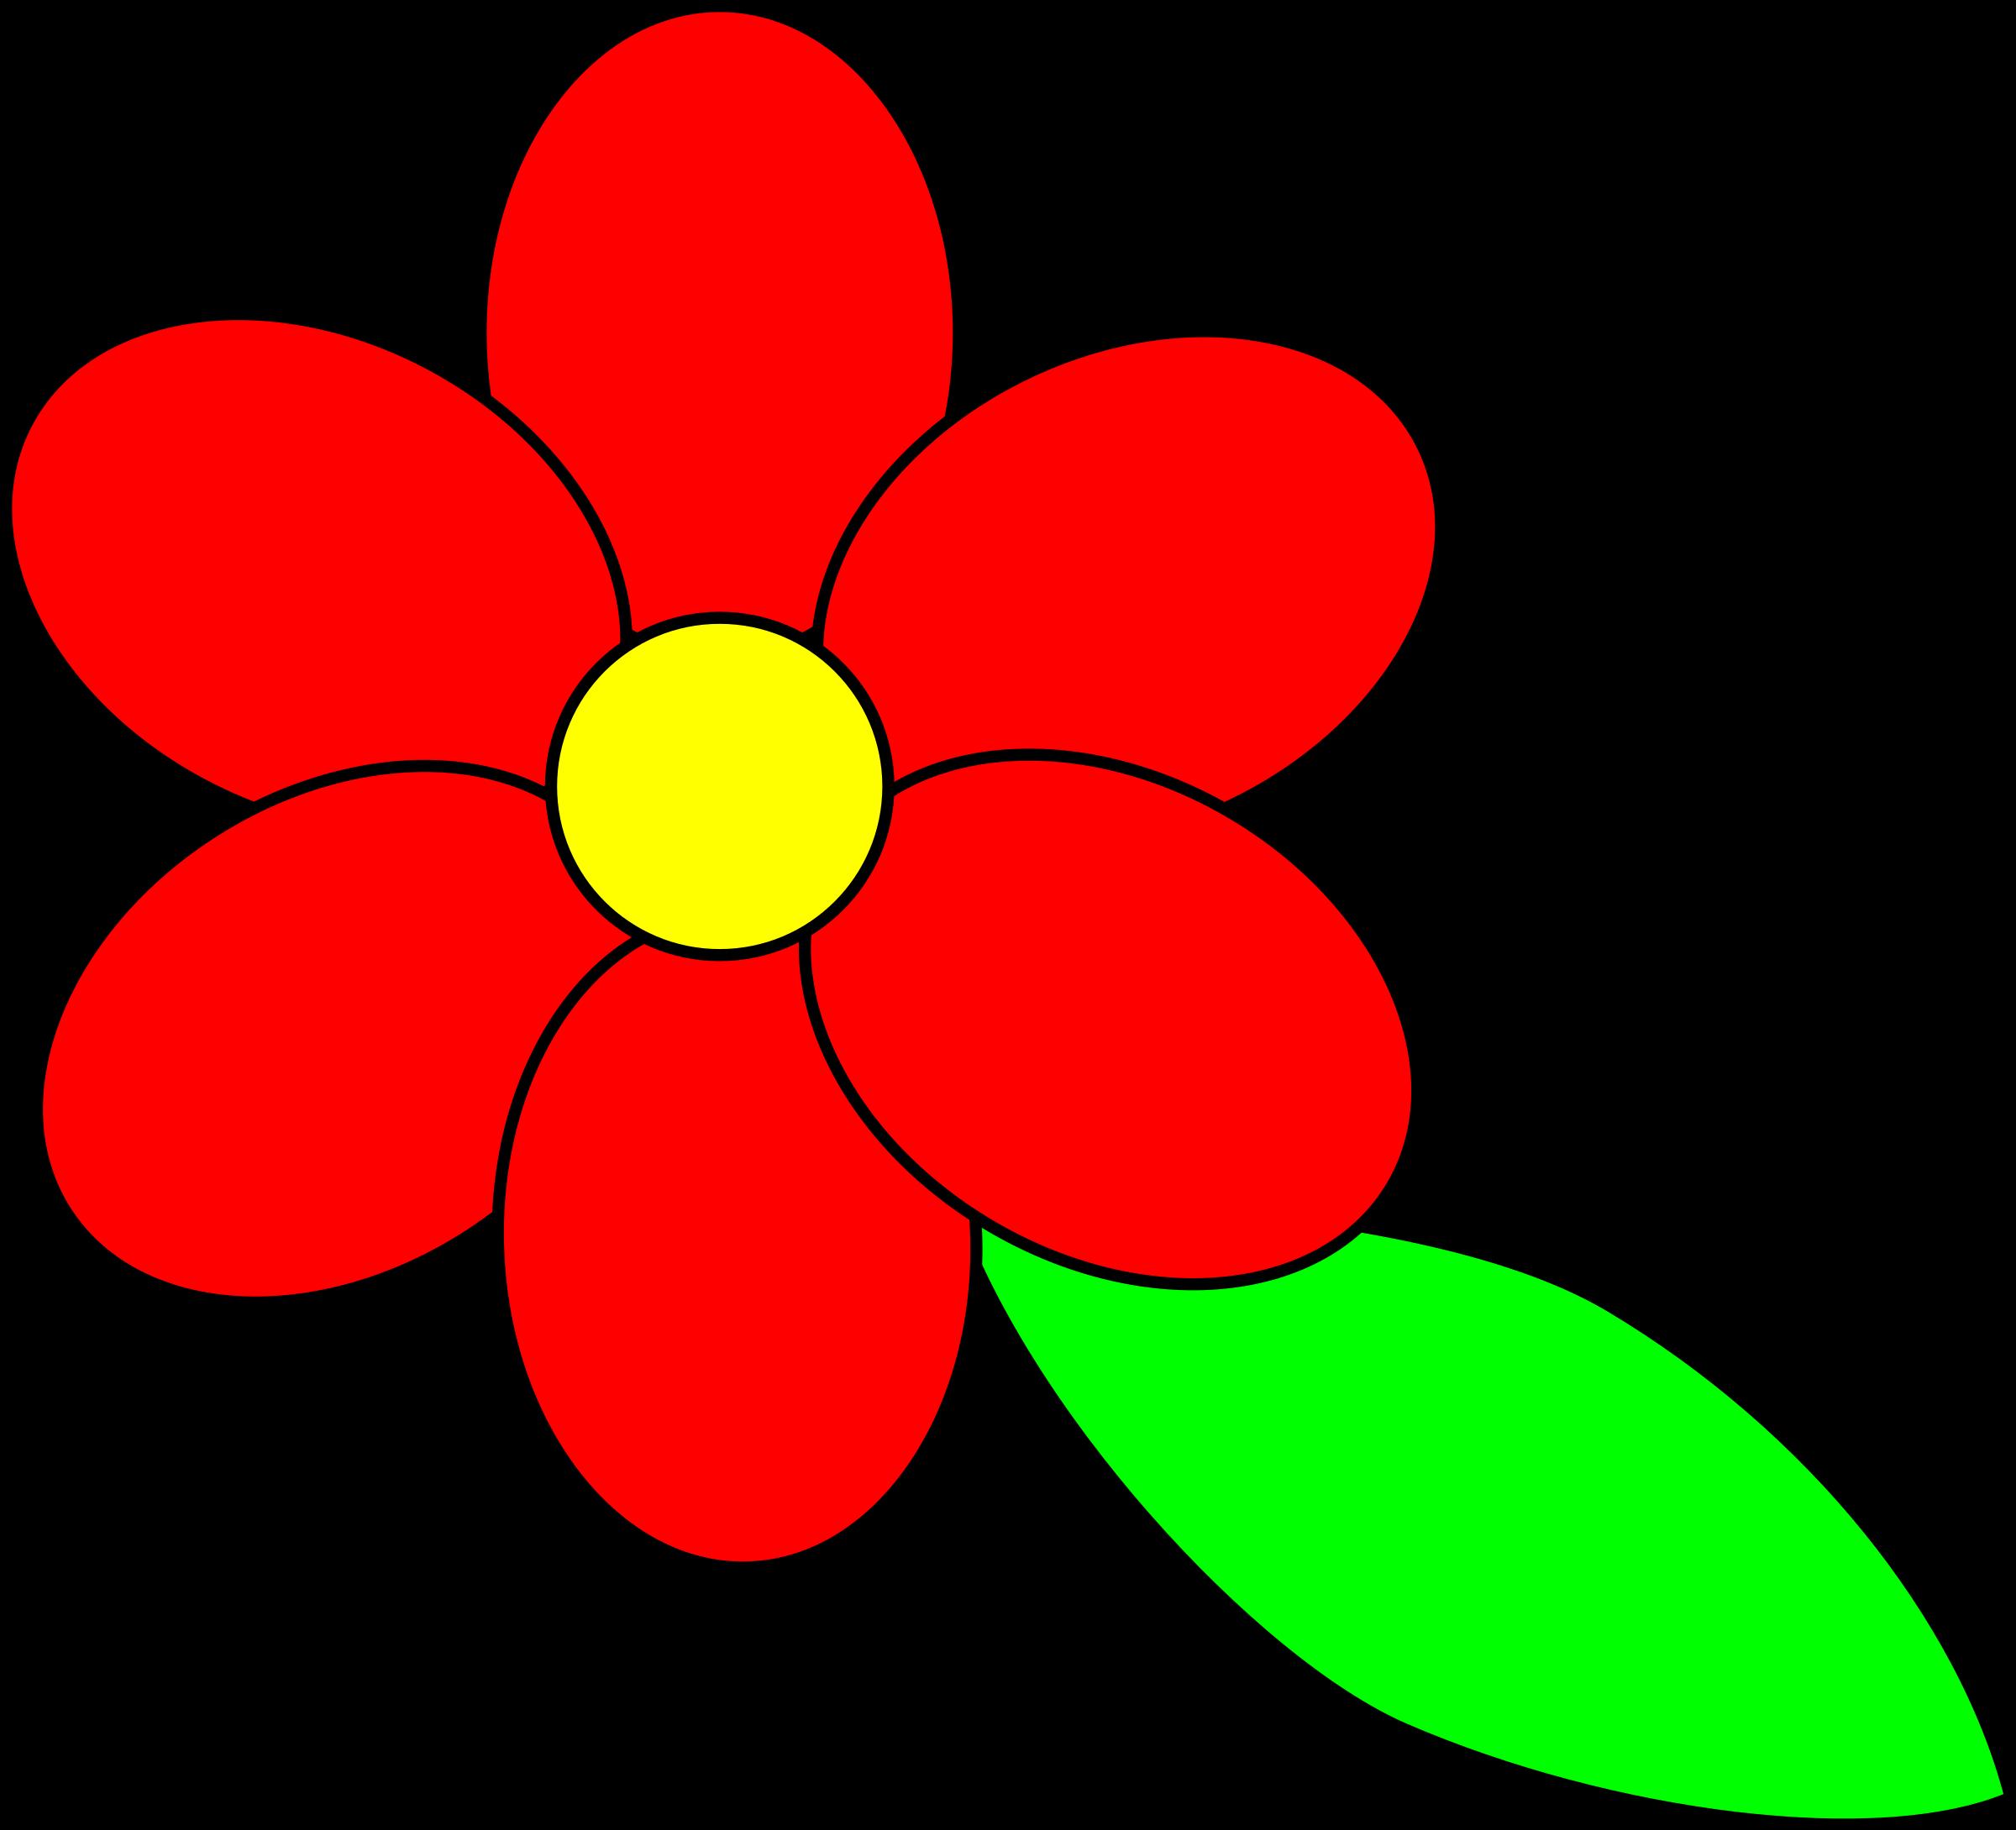 Petal clipart flower leaves Petals outline six Clipart leaf